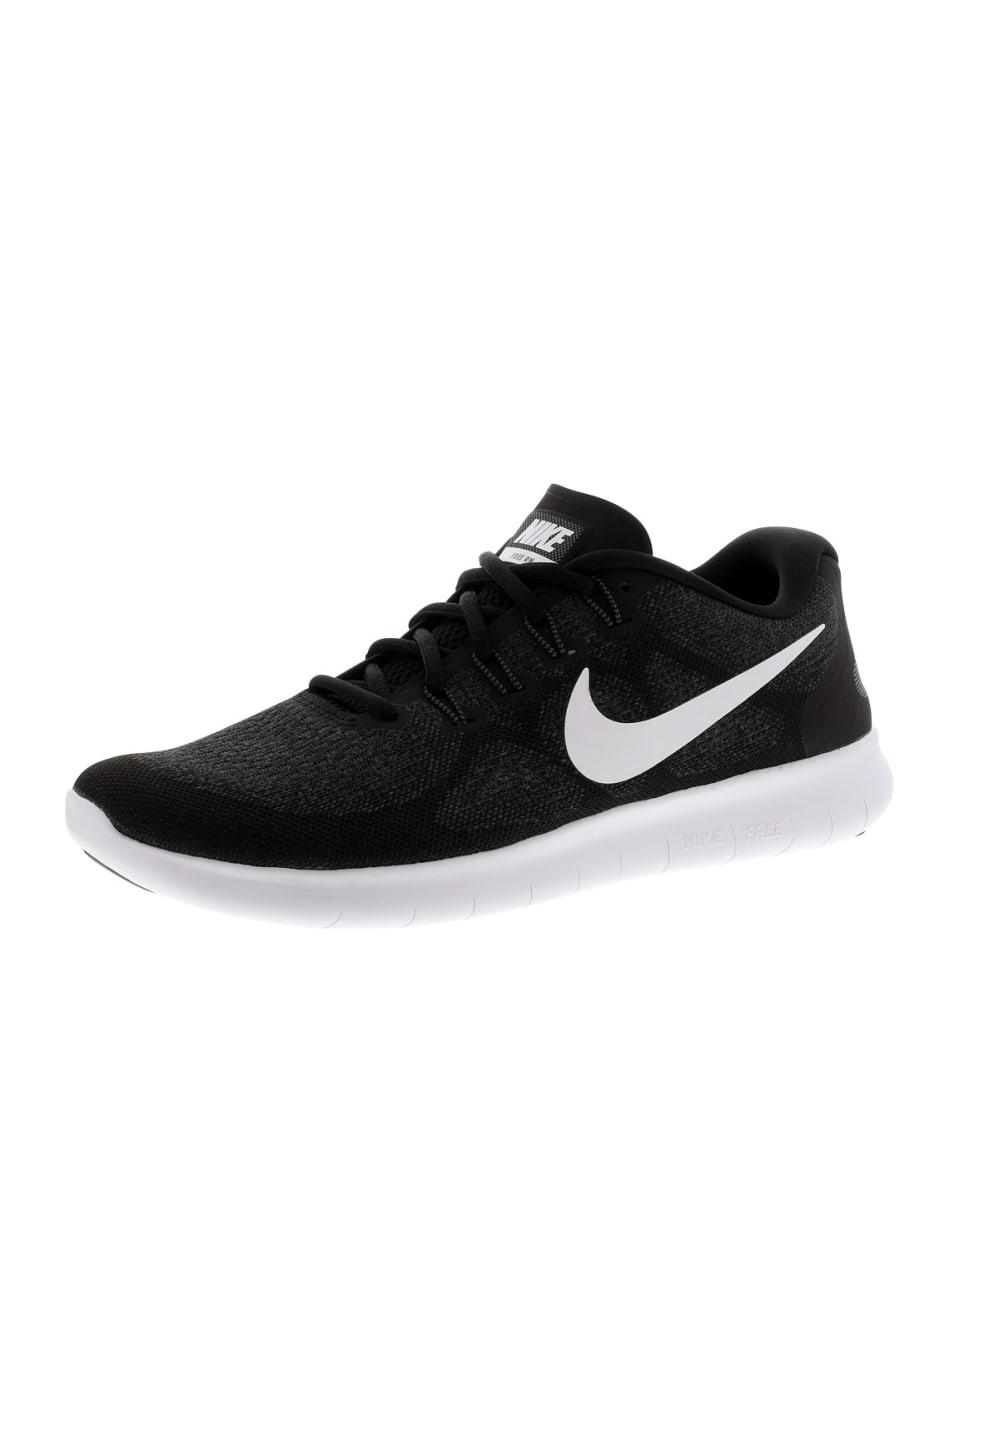 quality design 66ed4 5415a Next. -50%. Dieses Produkt ist derzeit ausverkauft. Nike. Free RN 2017 - Laufschuhe  für Herren